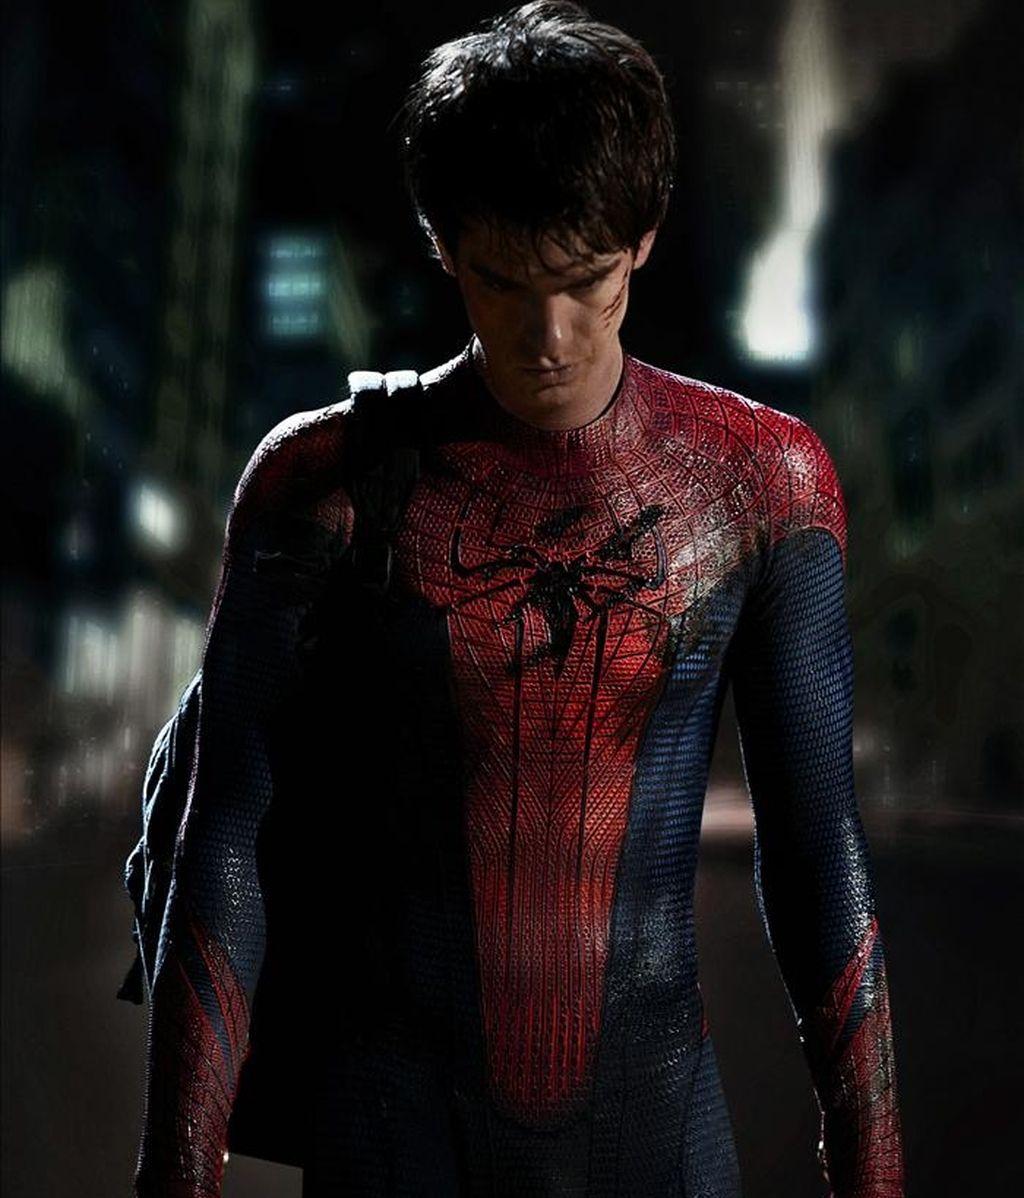 Andrew Garfield, que se ha hecho mundialmente conocido como el empollón de la película de Facebook, estrenará traje para encarnar a Spider-Man en la cuarta entrega de la saga cinematográfica, donde se podrá ver a un hombre araña más delgado, esbelto y moderno. EFE